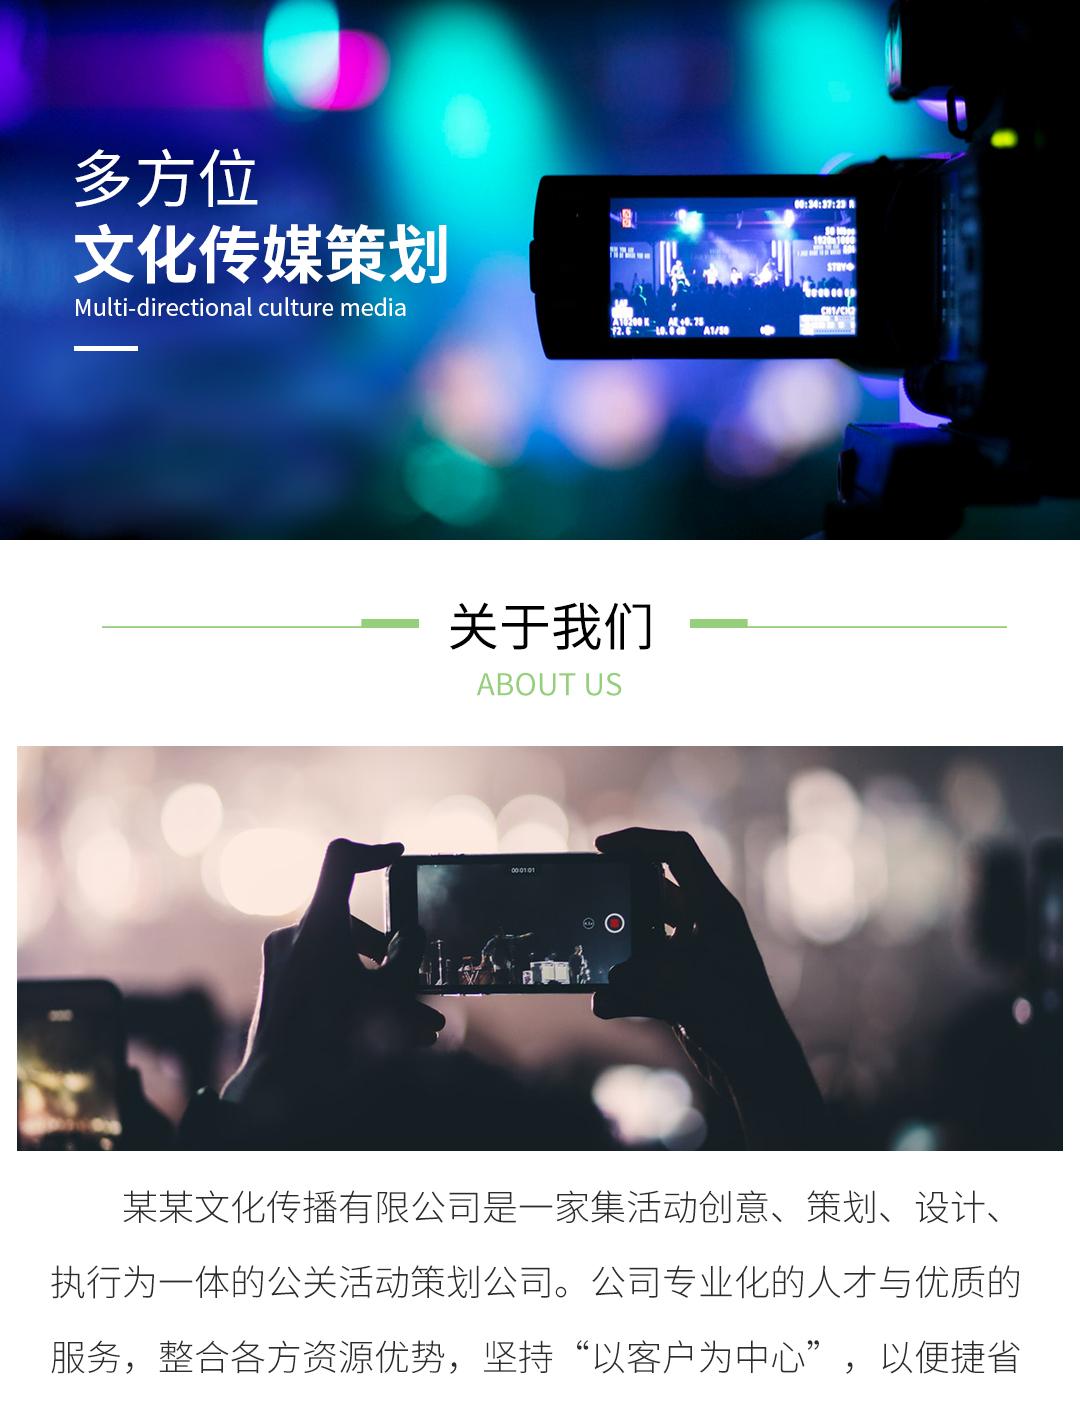 新闻媒体行业微信小程序|媒体小程序行业|小程序媒体行业